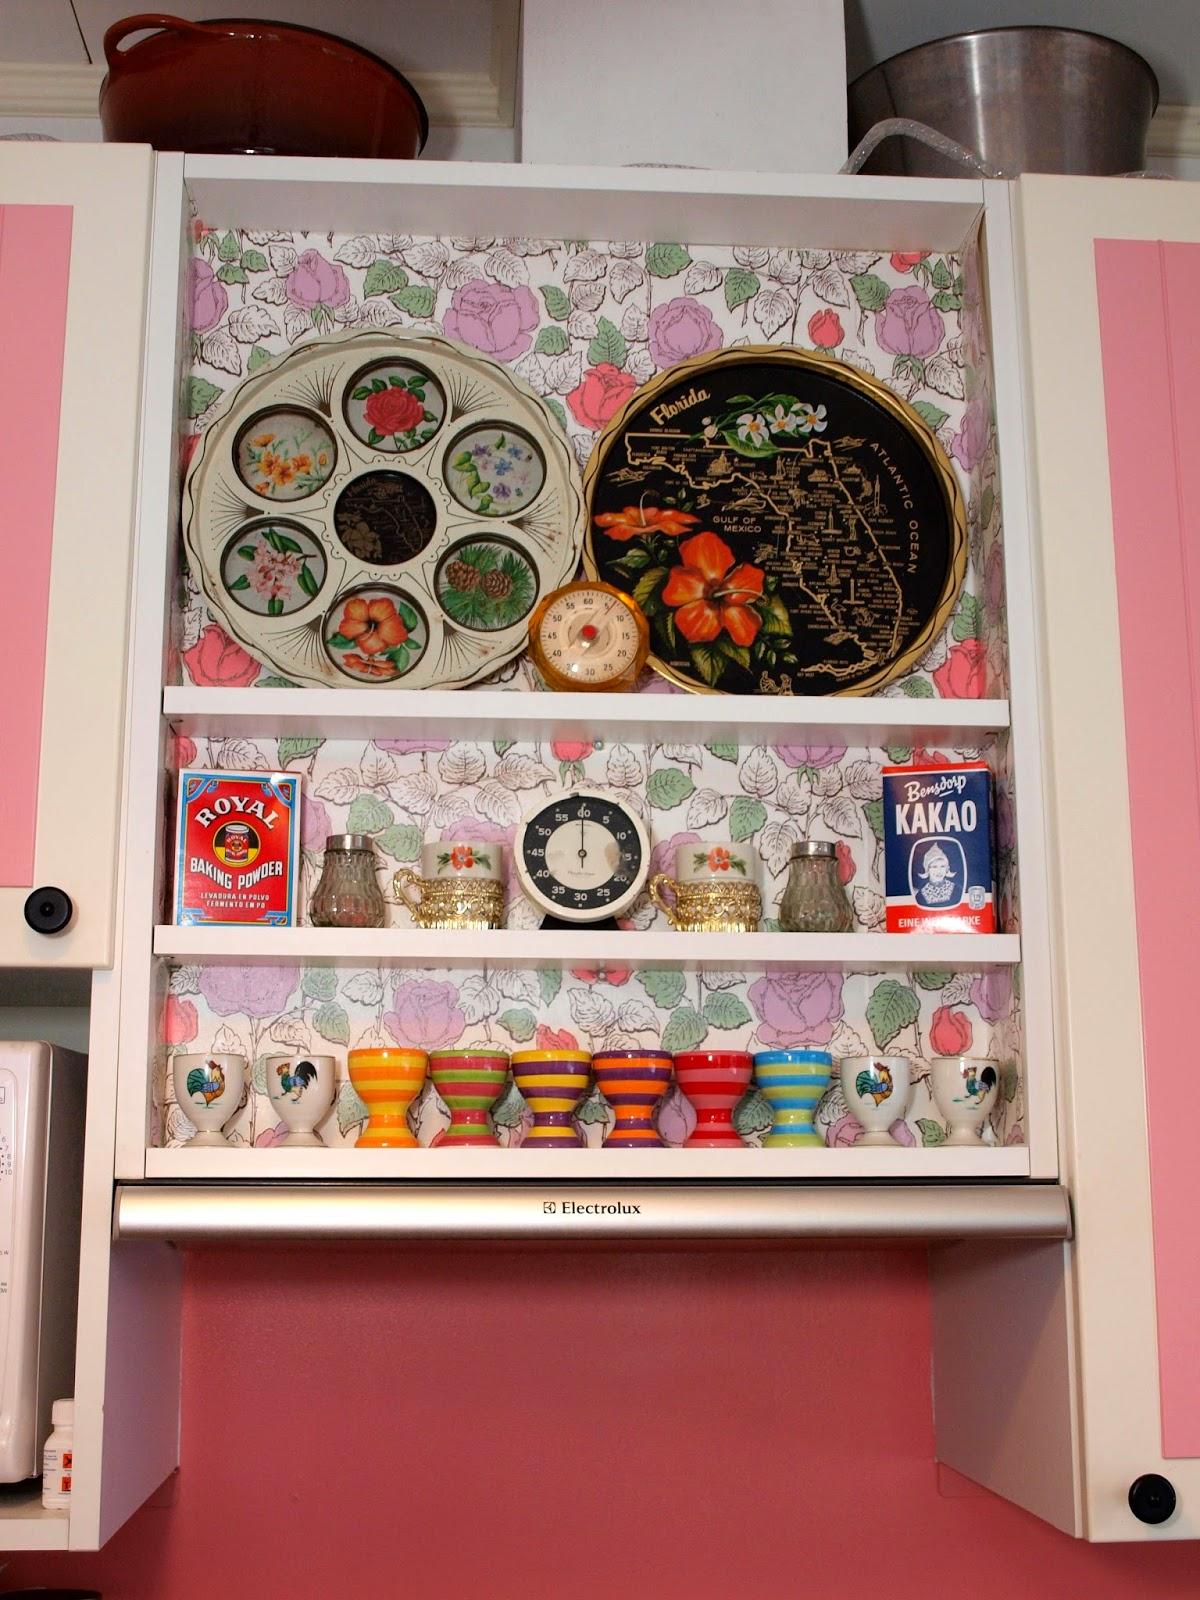 vintage pink kitchen 50's florida tray Pihlgren Ritola Tapettitalo Kihlaruusu